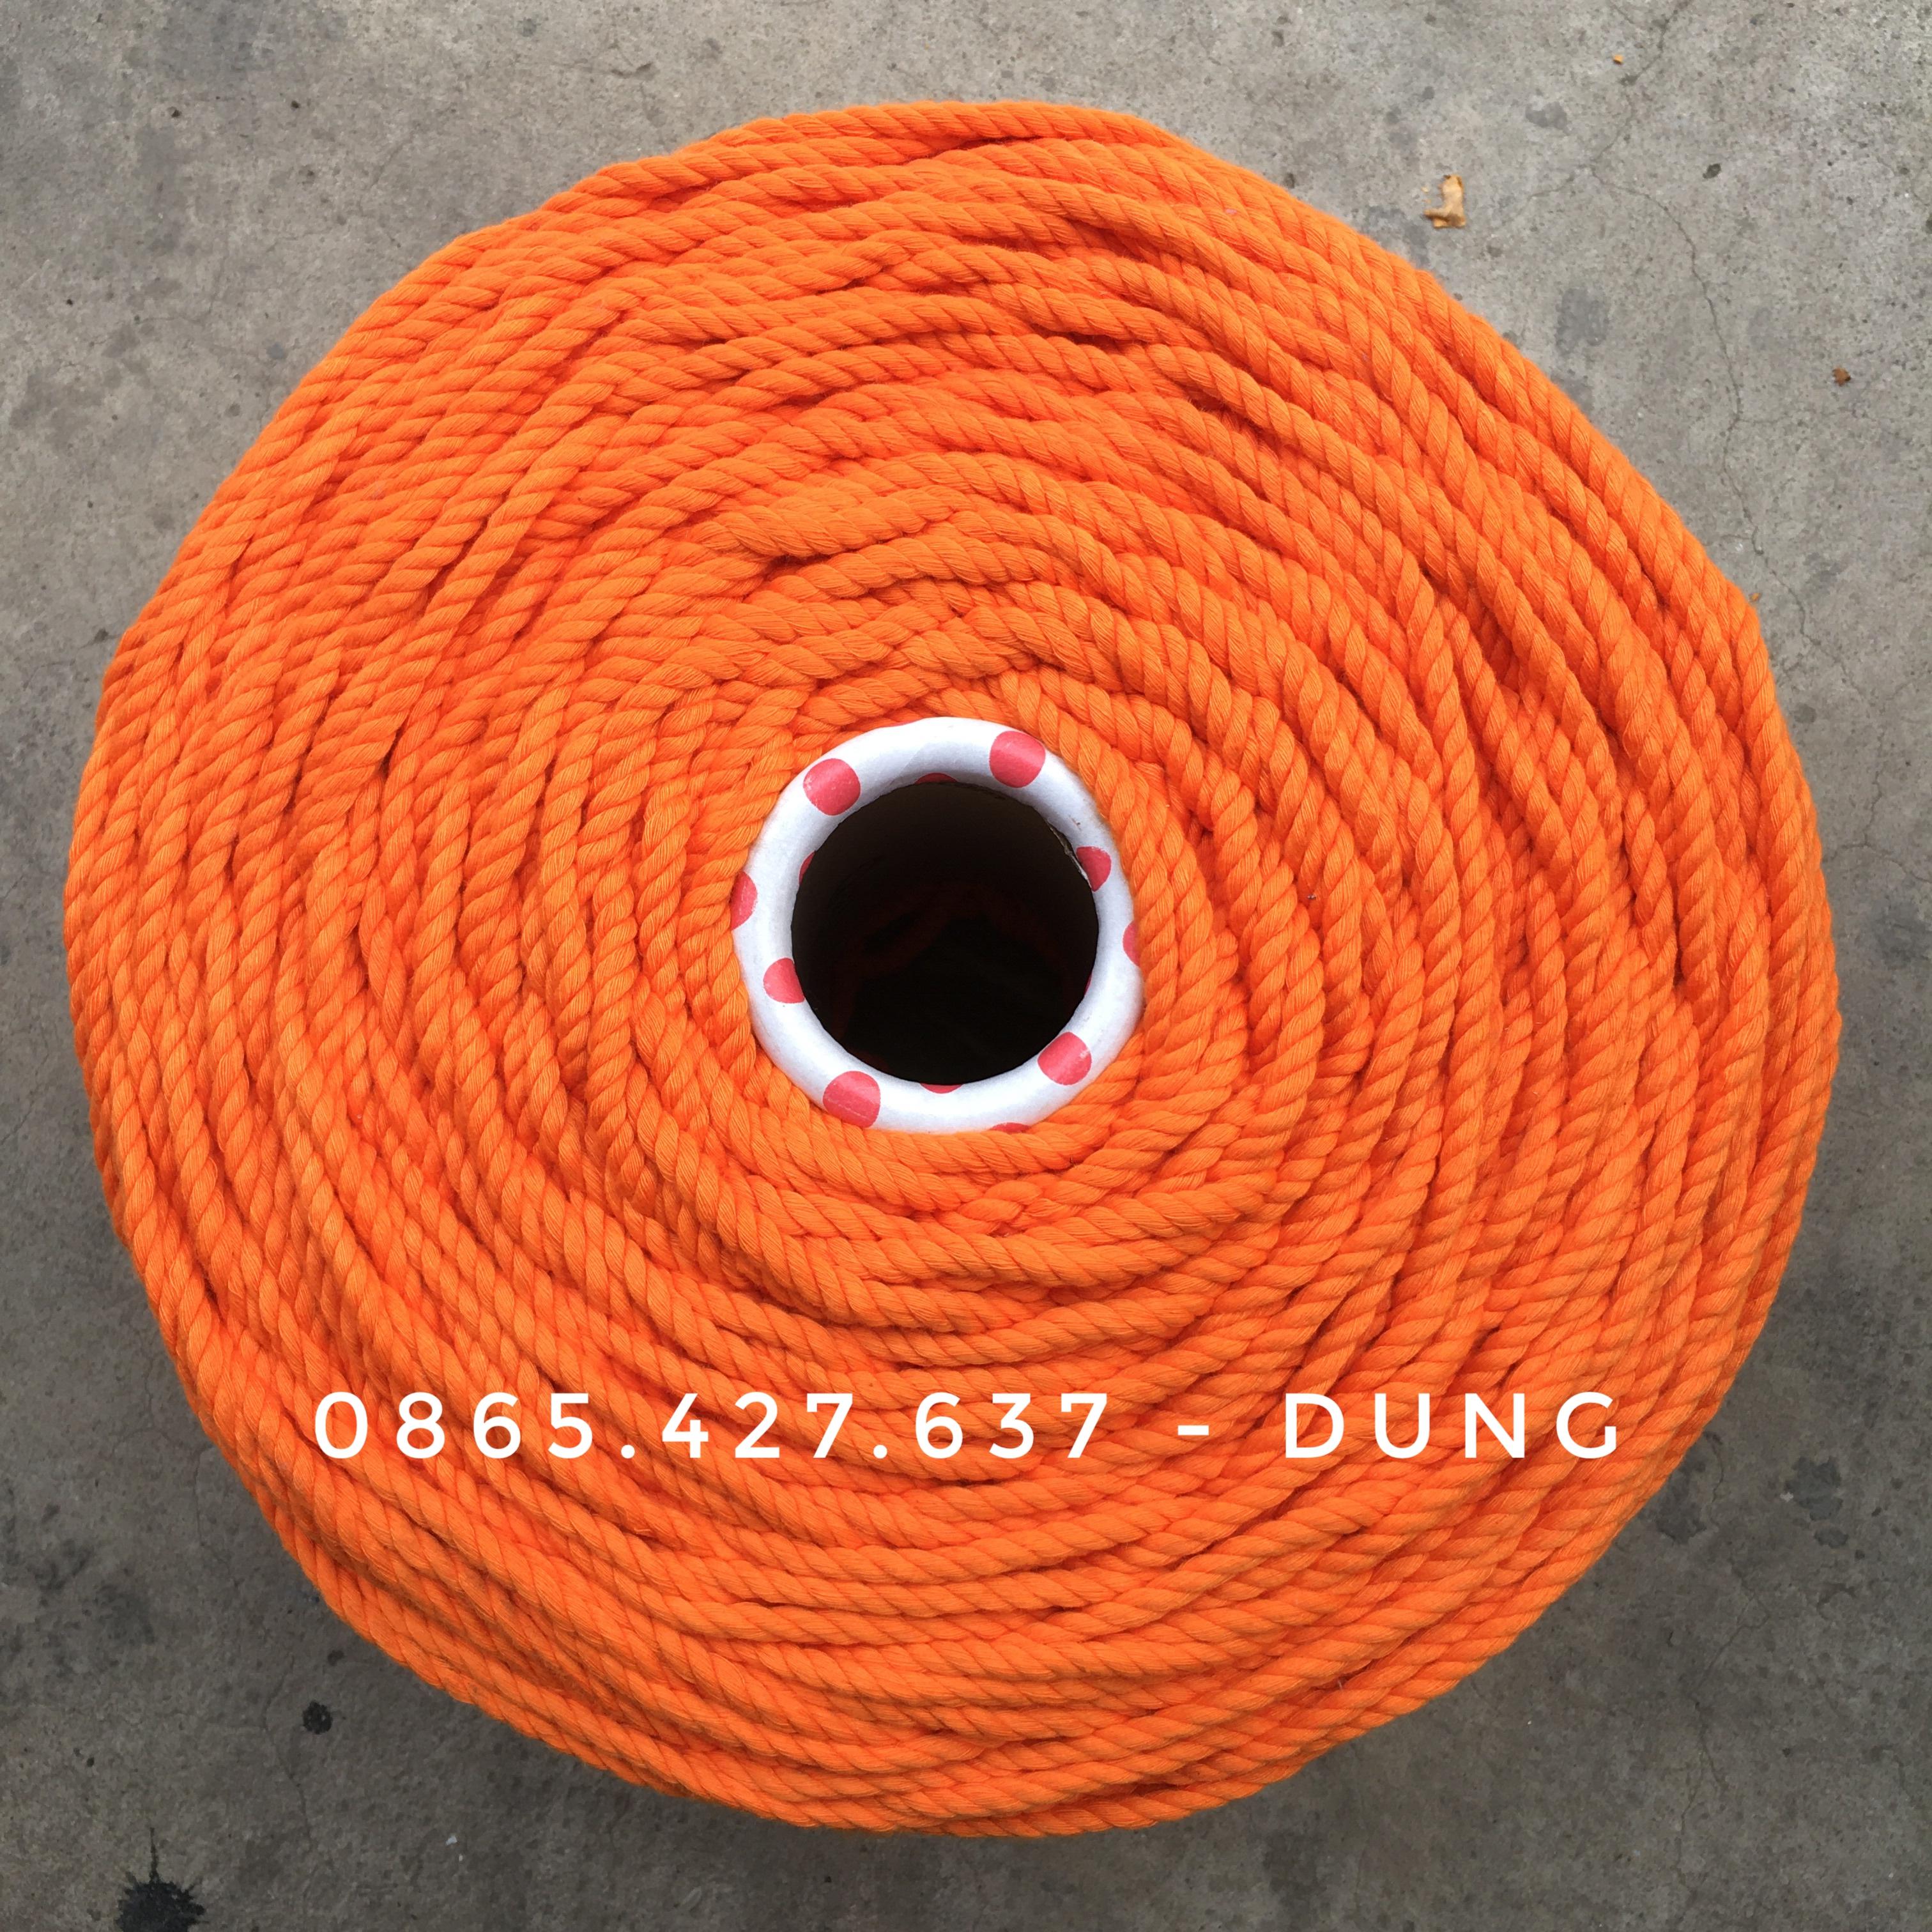 Dây macrame màu cam 5mm xoắn